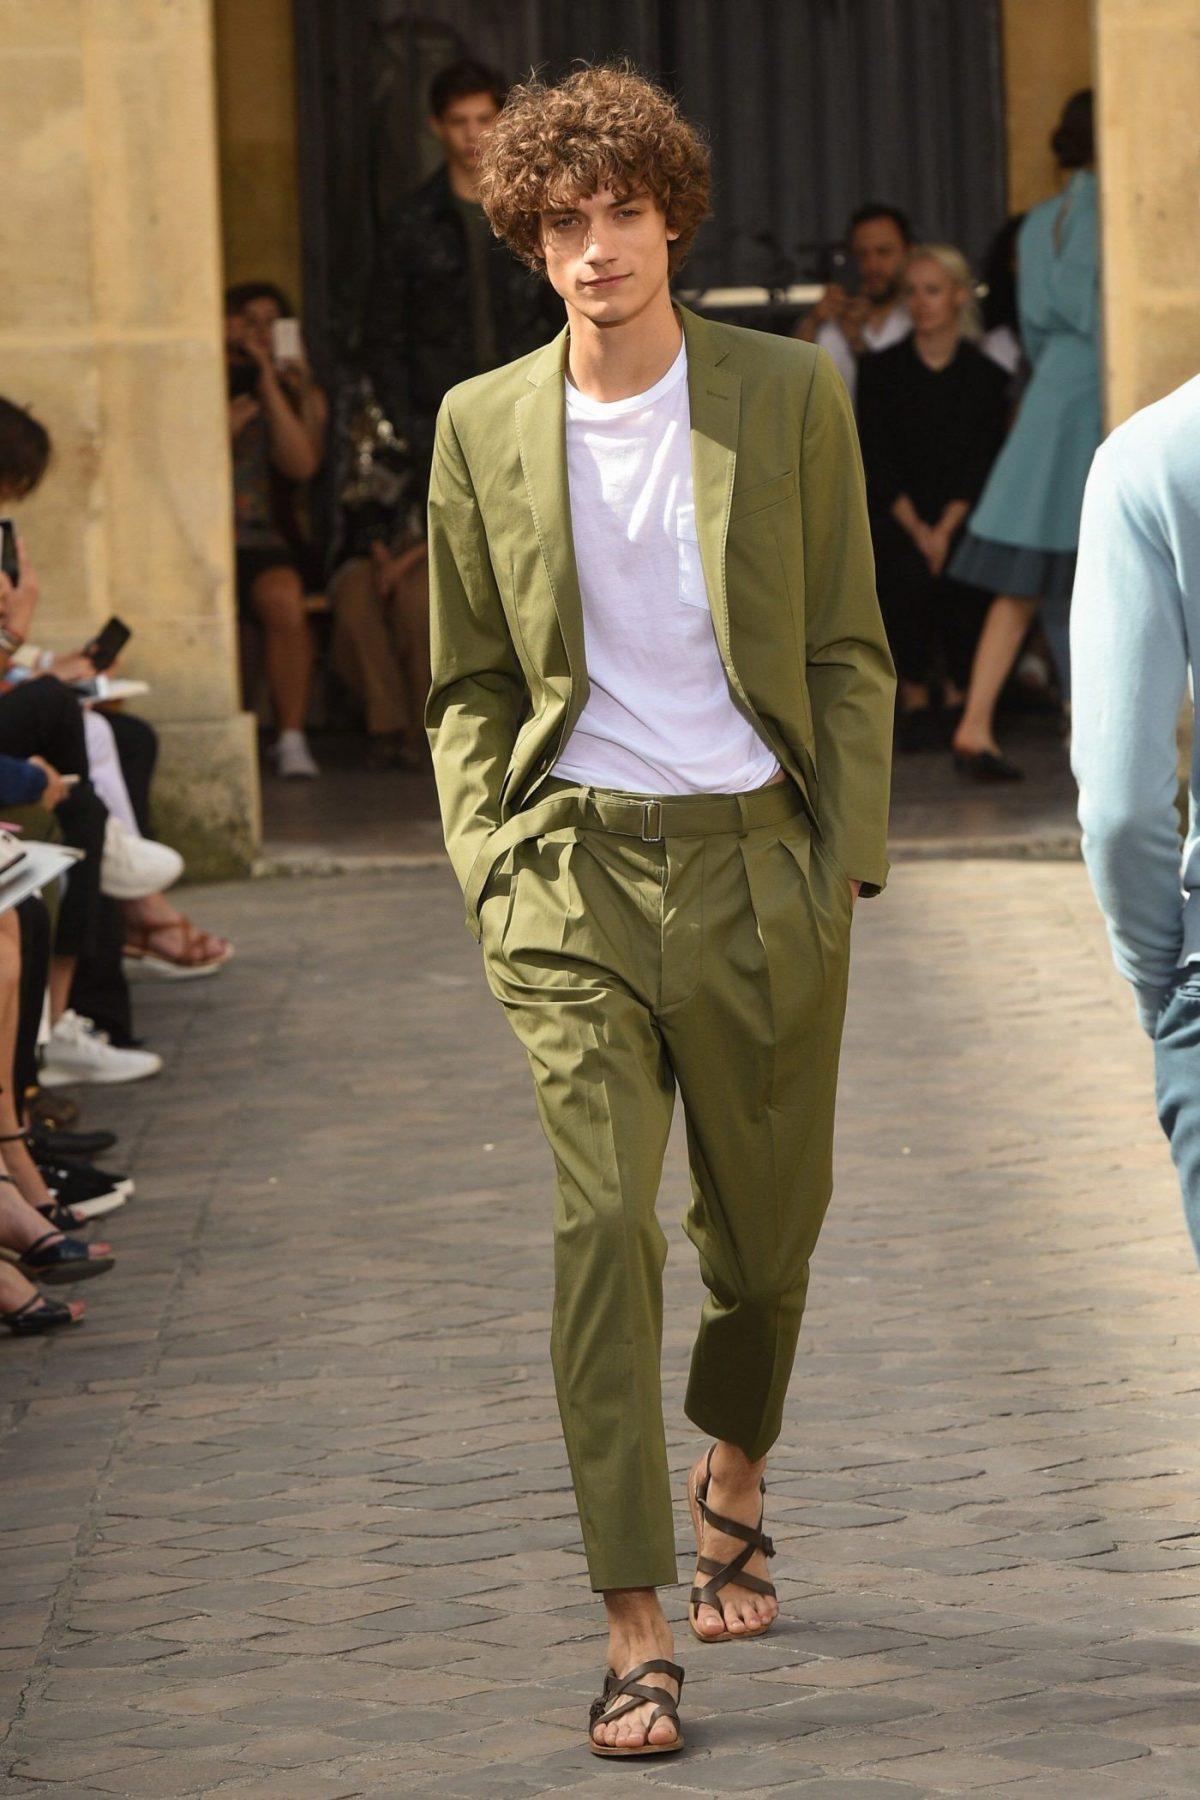 мужская мода 2018 весна лето: зеленый брючный костюм под белую футболку